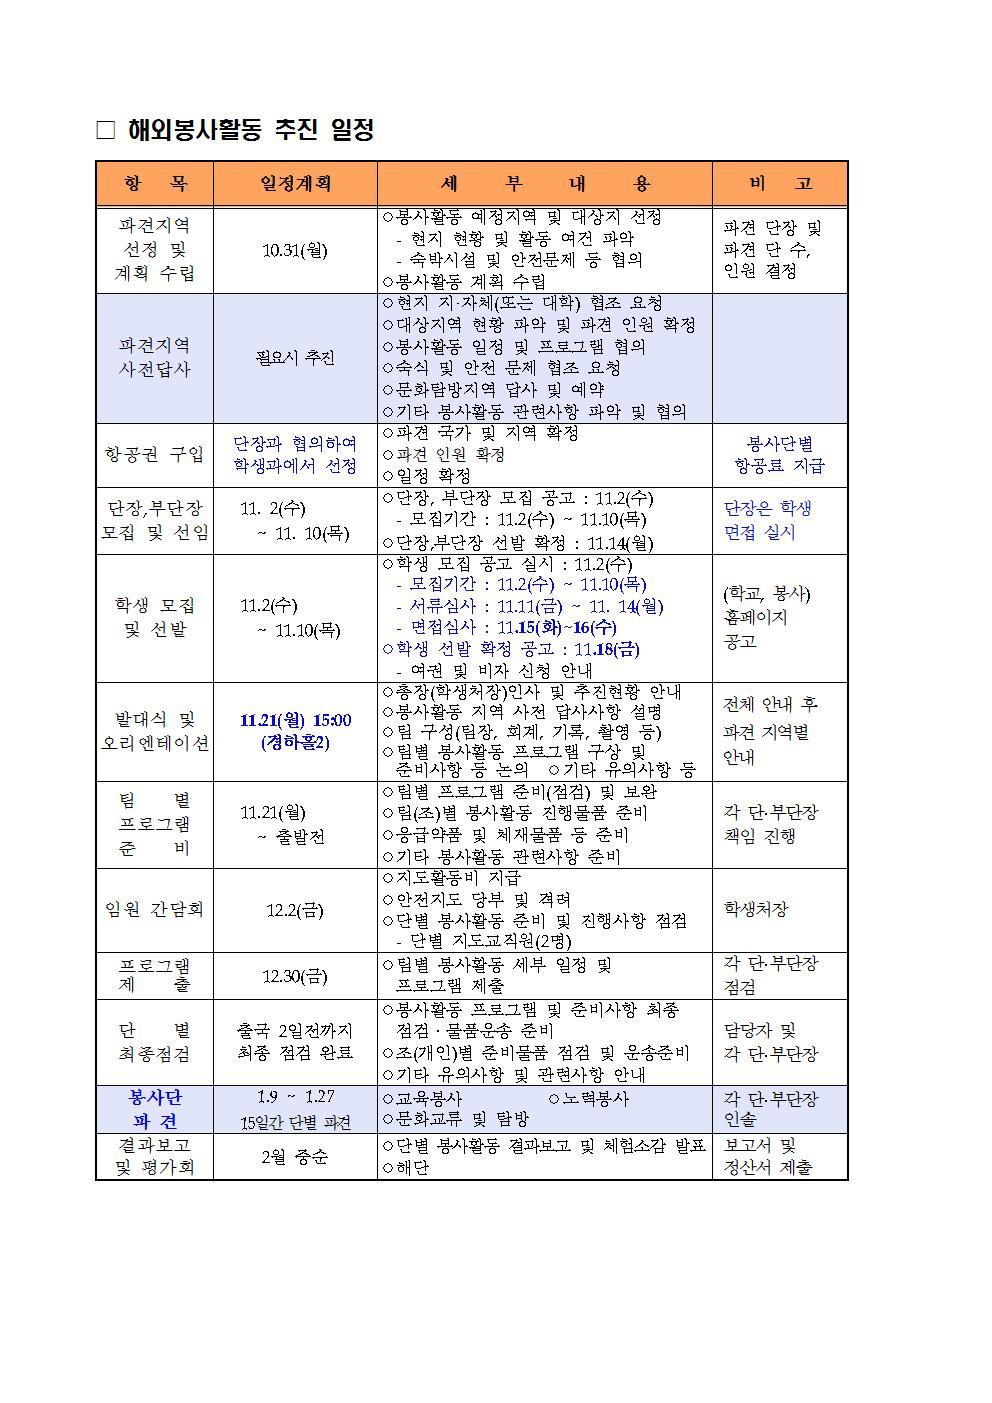 해외봉사활동 계획004.jpg